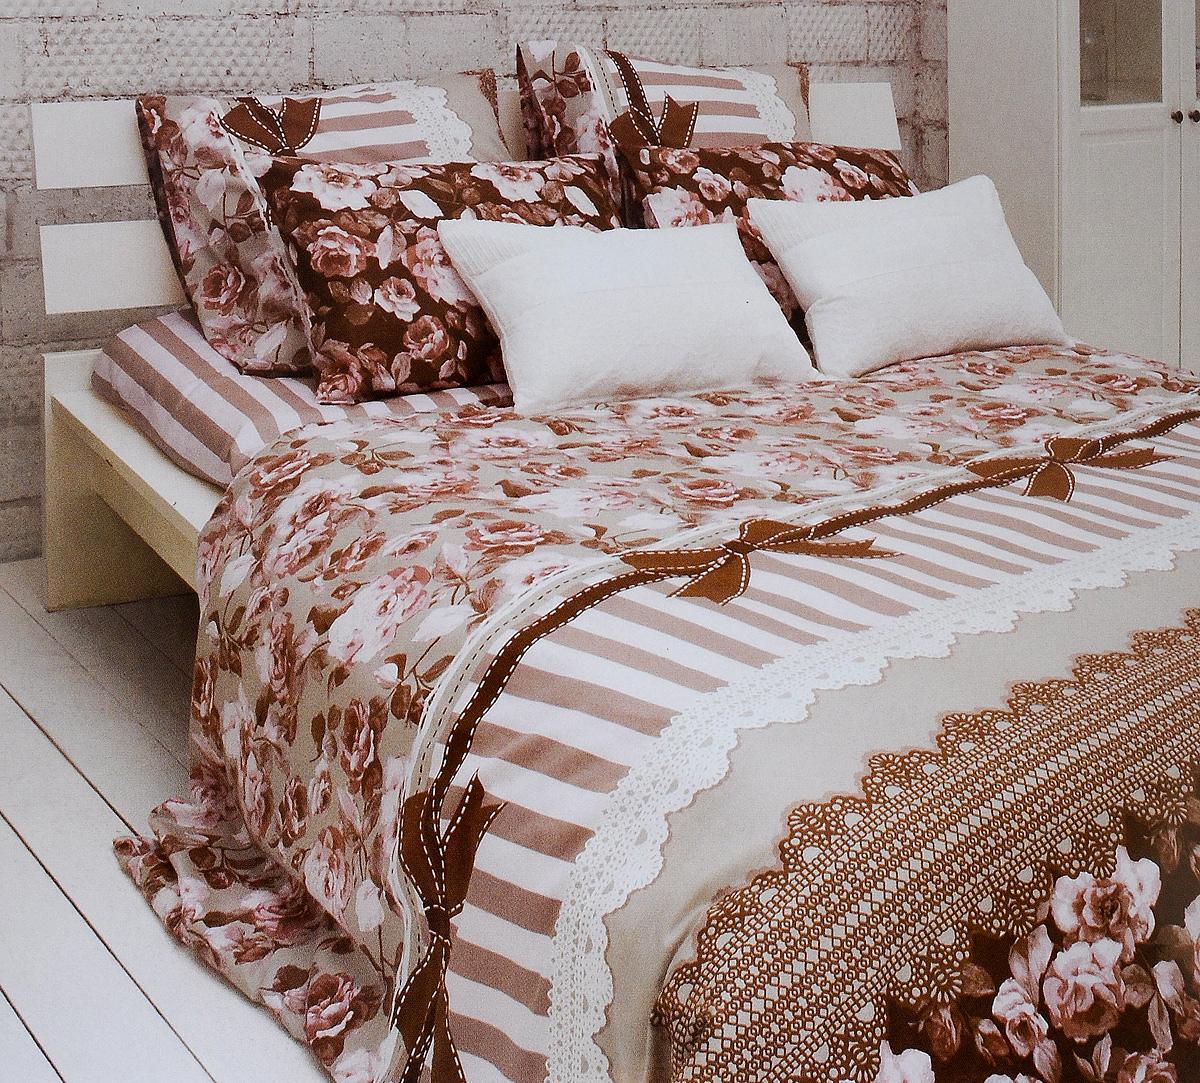 Комплект белья Tiffanys Secret Шоколадный этюд, евро, наволочки 50х70, цвет: розовый, коричневый, белыйCA-3505Комплект постельного белья Tiffanys Secret Шоколадный этюд является экологически безопасным для всей семьи, так как выполнен из сатина (100% хлопок). Комплект состоит из пододеяльника, простыни и двух наволочек. Предметы комплекта оформлены оригинальным рисунком.Благодаря такому комплекту постельного белья вы сможете создать атмосферу уюта и комфорта в вашей спальне.Сатин - это ткань, навсегда покорившая сердца человечества. Ценившие роскошь персы называли ее атлас, а искушенные в прекрасном французы - сатин. Секрет высококачественного сатина в безупречности всего технологического процесса. Эту благородную ткань делают только из отборной натуральной пряжи, которую получают из самого лучшего тонковолокнистого хлопка. Благодаря использованию самой тонкой хлопковой нити получается необычайно мягкое и нежное полотно. Сатиновое постельное белье превращает жаркие летние ночи в прохладные и освежающие, а холодные зимние - в теплые и согревающие. Сатин очень приятен на ощупь, постельное белье из него долговечно, выдерживает более 300 стирок, и лишь спустя долгое время материал начинает немного тускнеть. Оцените все достоинства постельного белья из сатина, выбирая самое лучшее для себя!